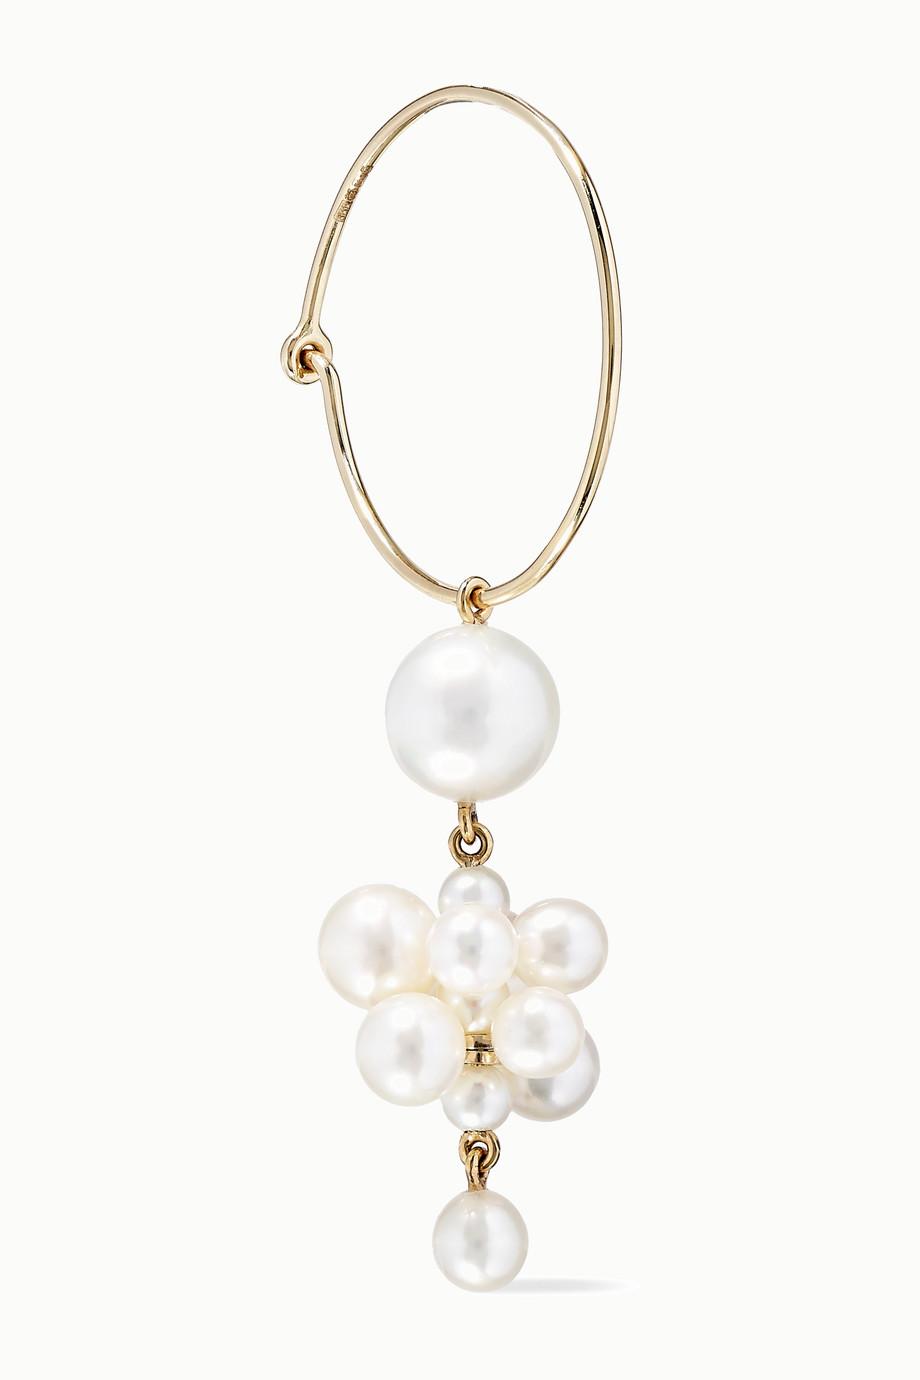 Sophie Bille Brahe Boucle d'oreille en or 14 carats et perles Botticelli